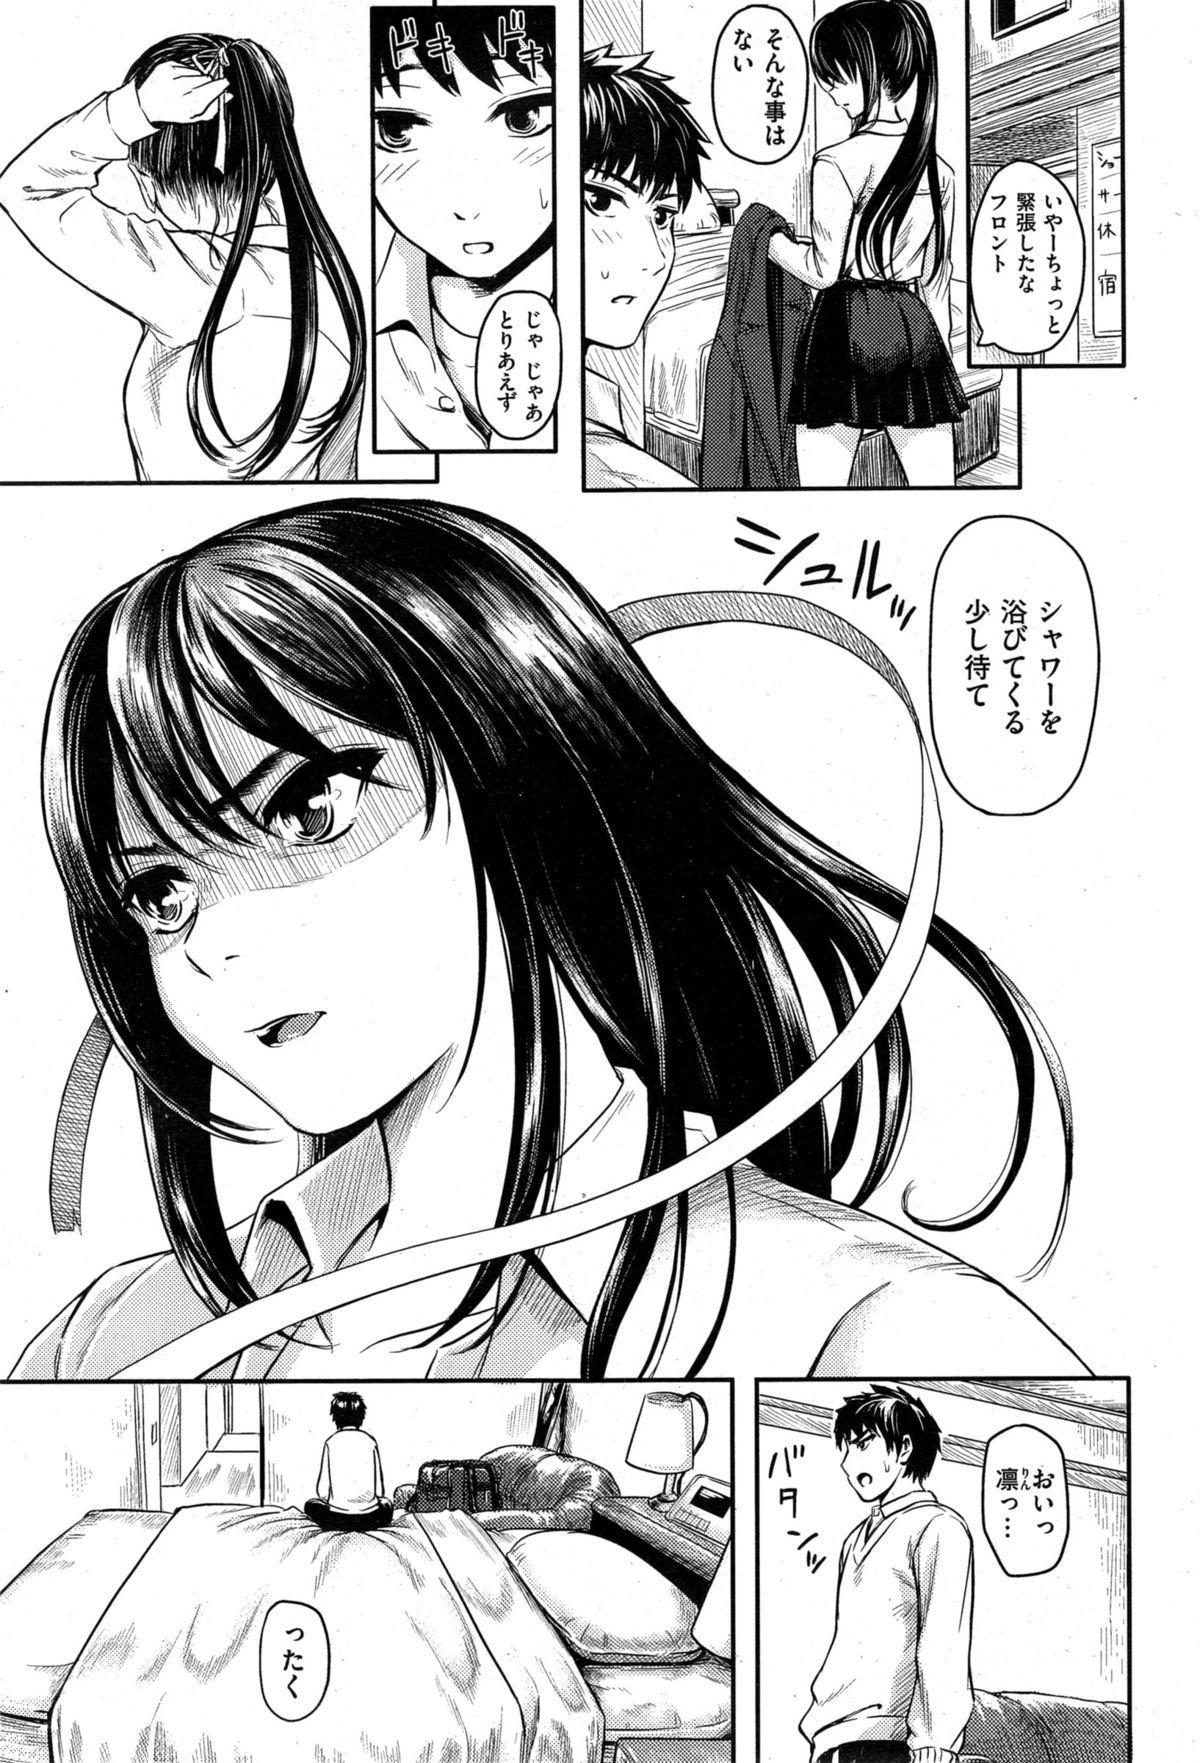 COMIC Kairakuten 2015-03 343